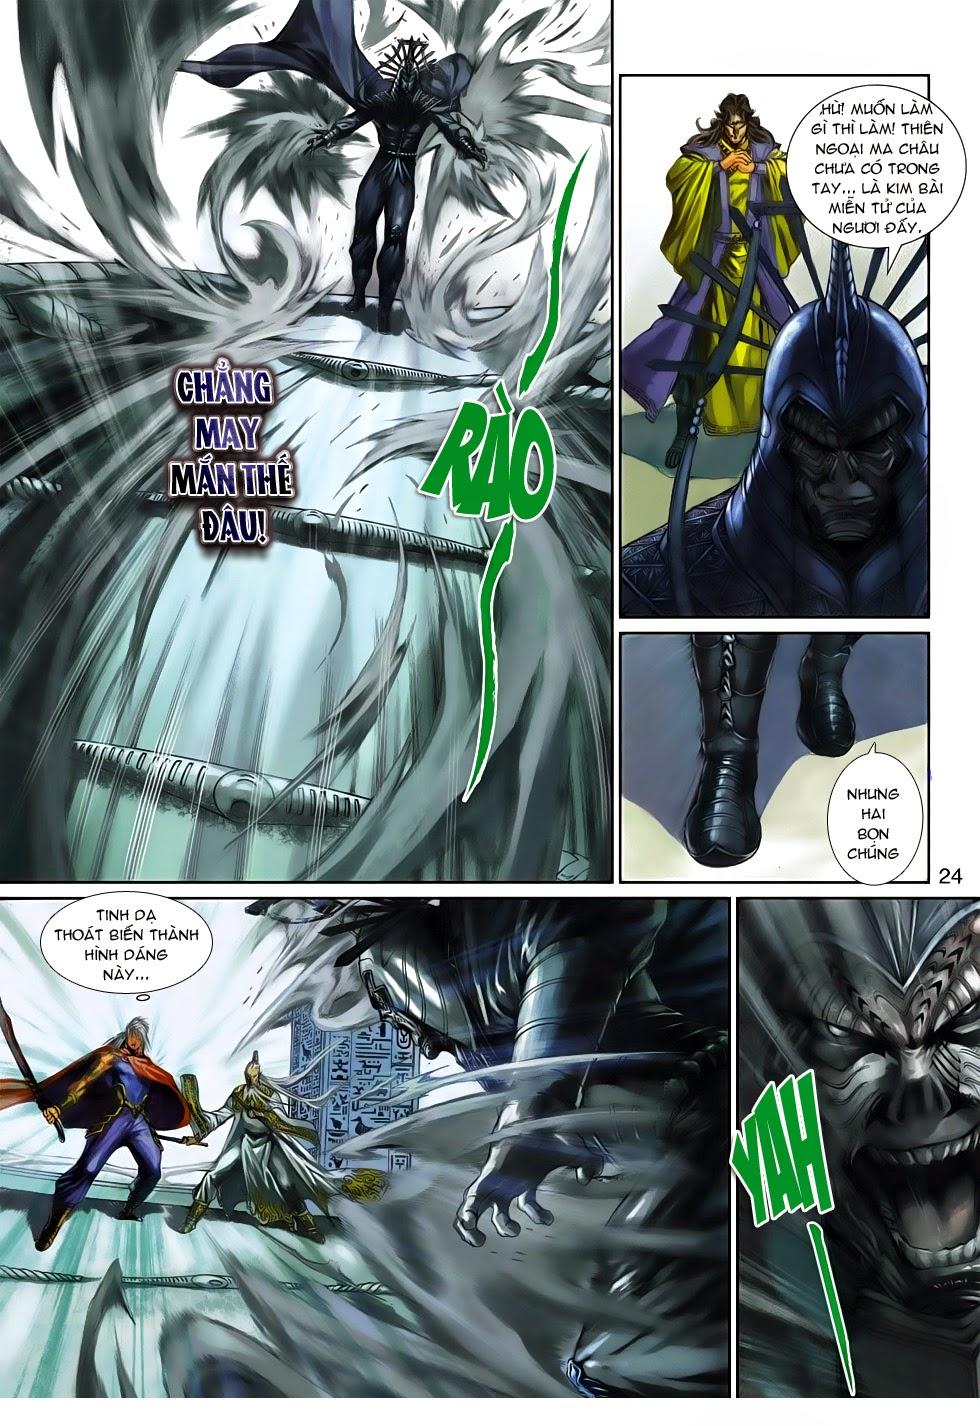 Thần Binh Tiền Truyện 4 - Huyền Thiên Tà Đế chap 14 - Trang 24